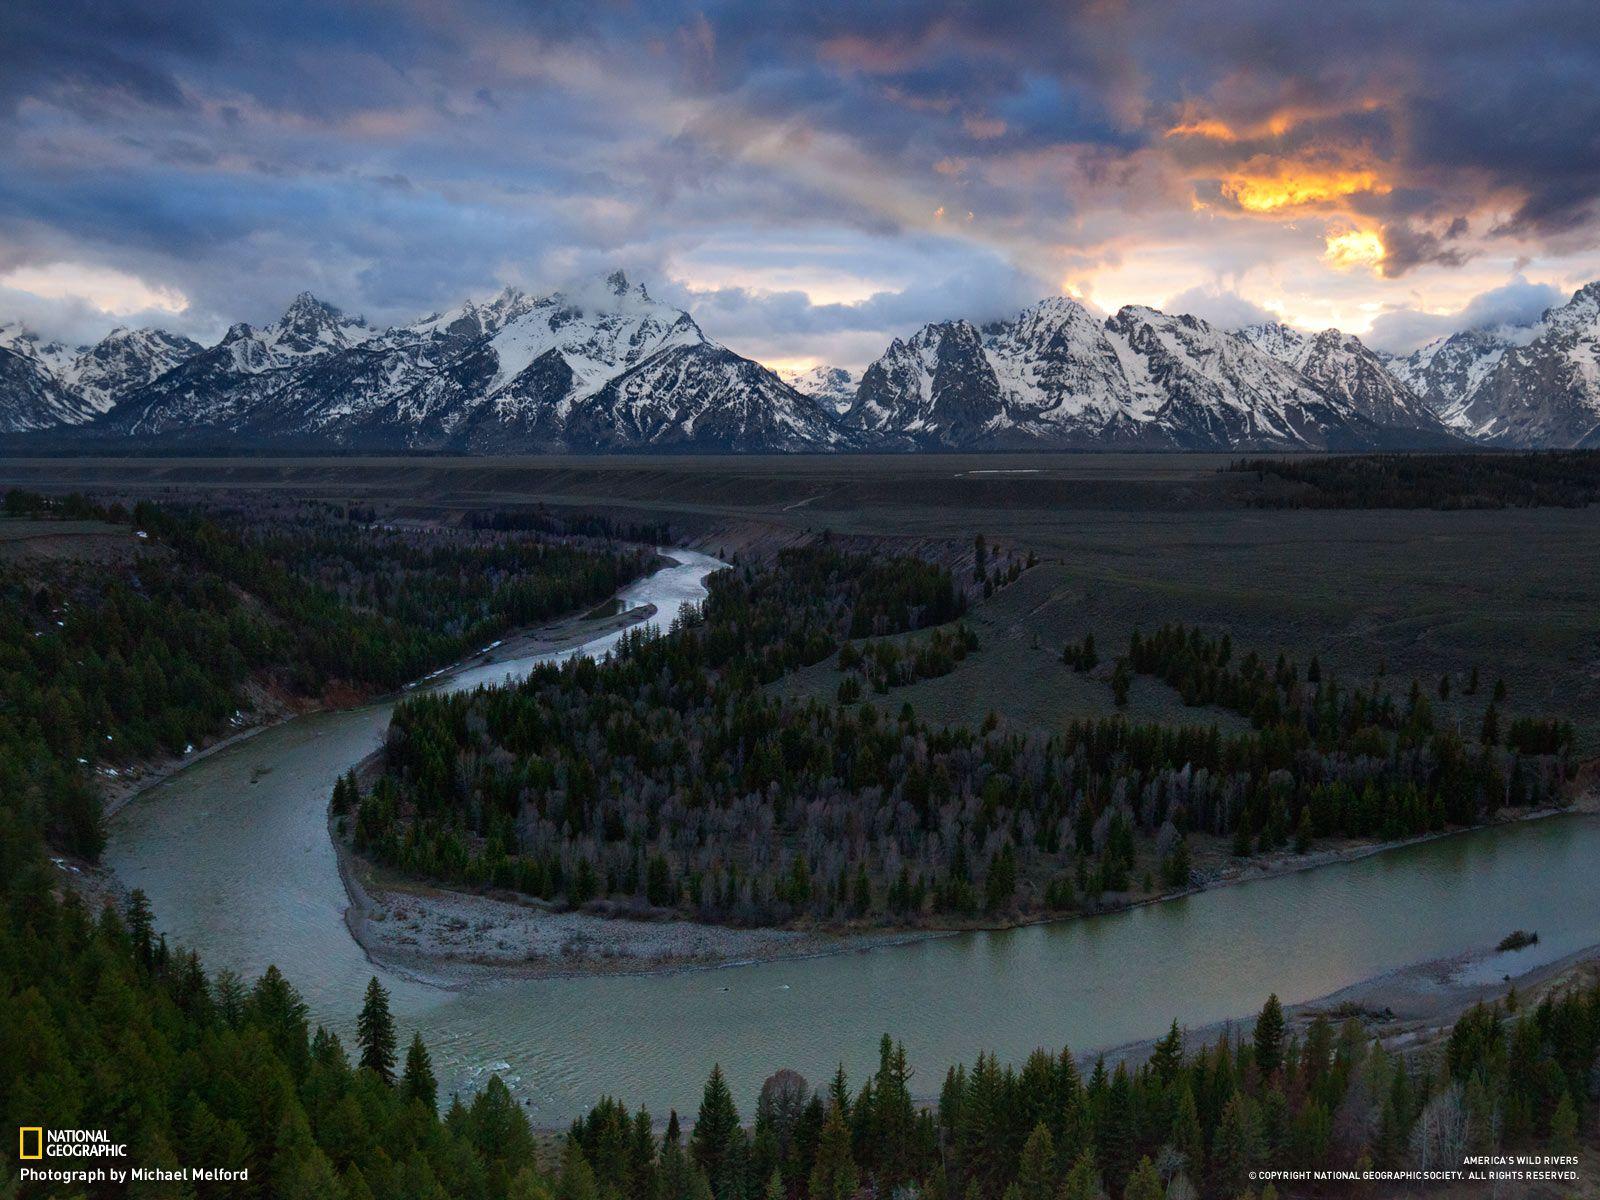 《国家地理杂志》2011年十一月壁纸精选